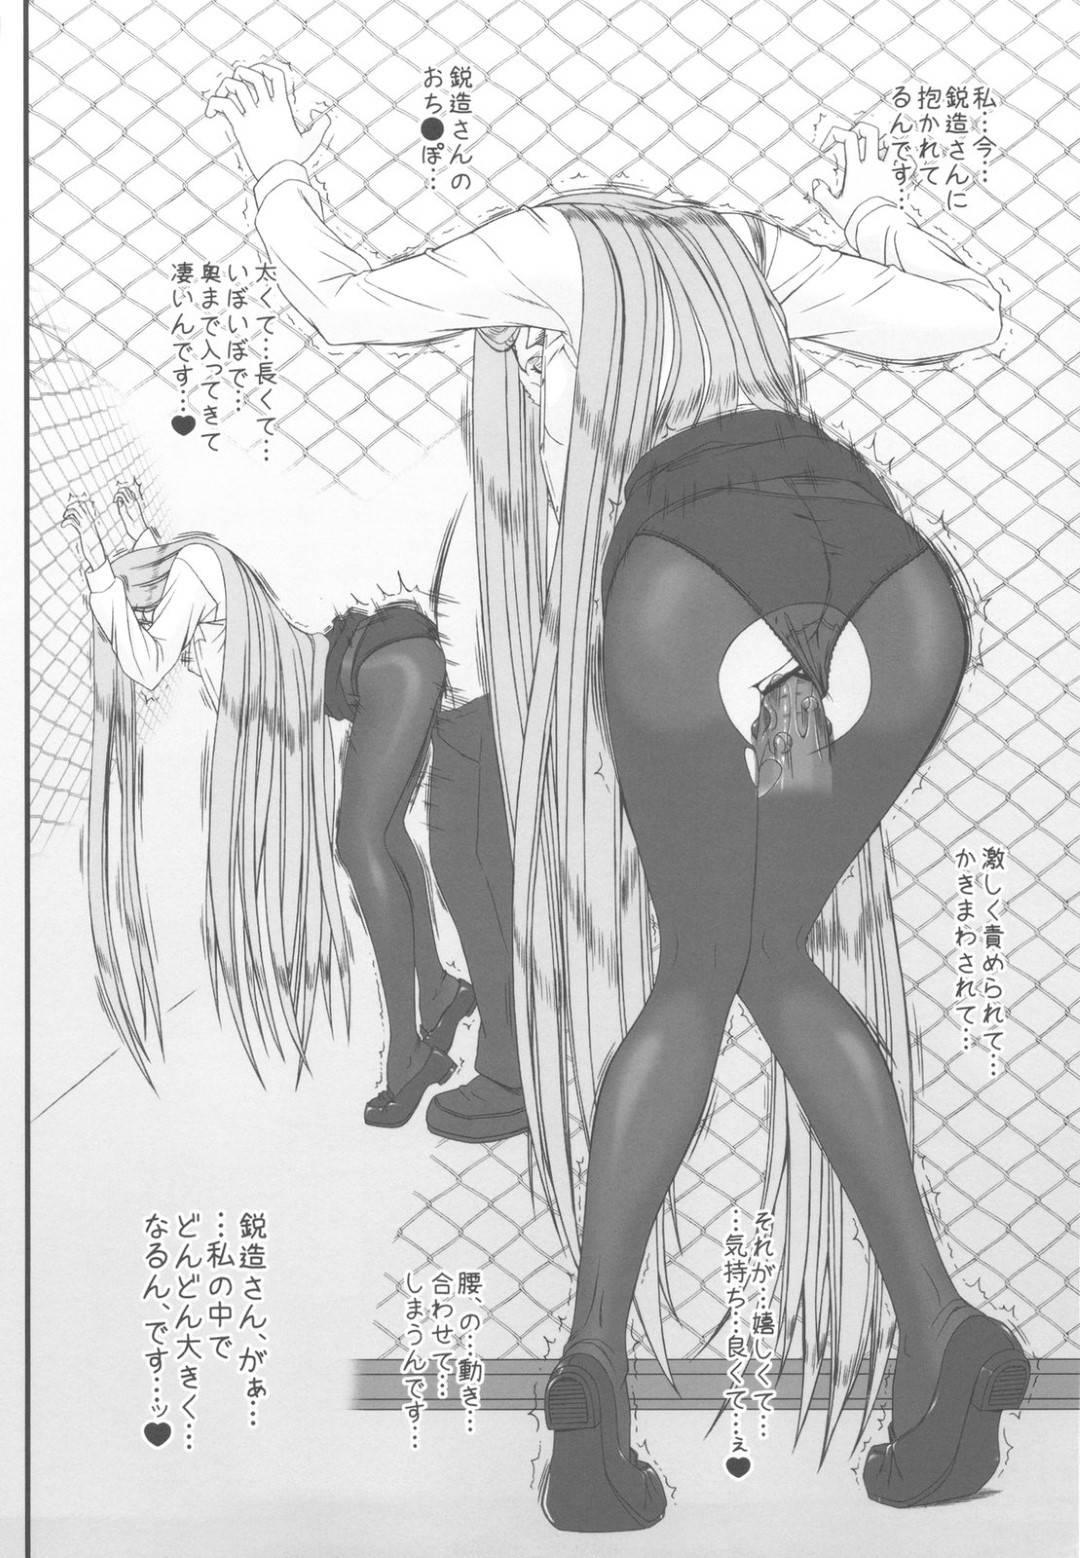 士郎と桜の居場所を守るため、下劣なオヤジの要求をのむ巨乳美女…サーヴァントとしての能力を過信し、最初は気丈に振舞っていた彼女もオヤジの執拗な攻めに徐々に理性を失っていく…。【孤蛮屋こばん:寝取ラレタ姫騎兵】